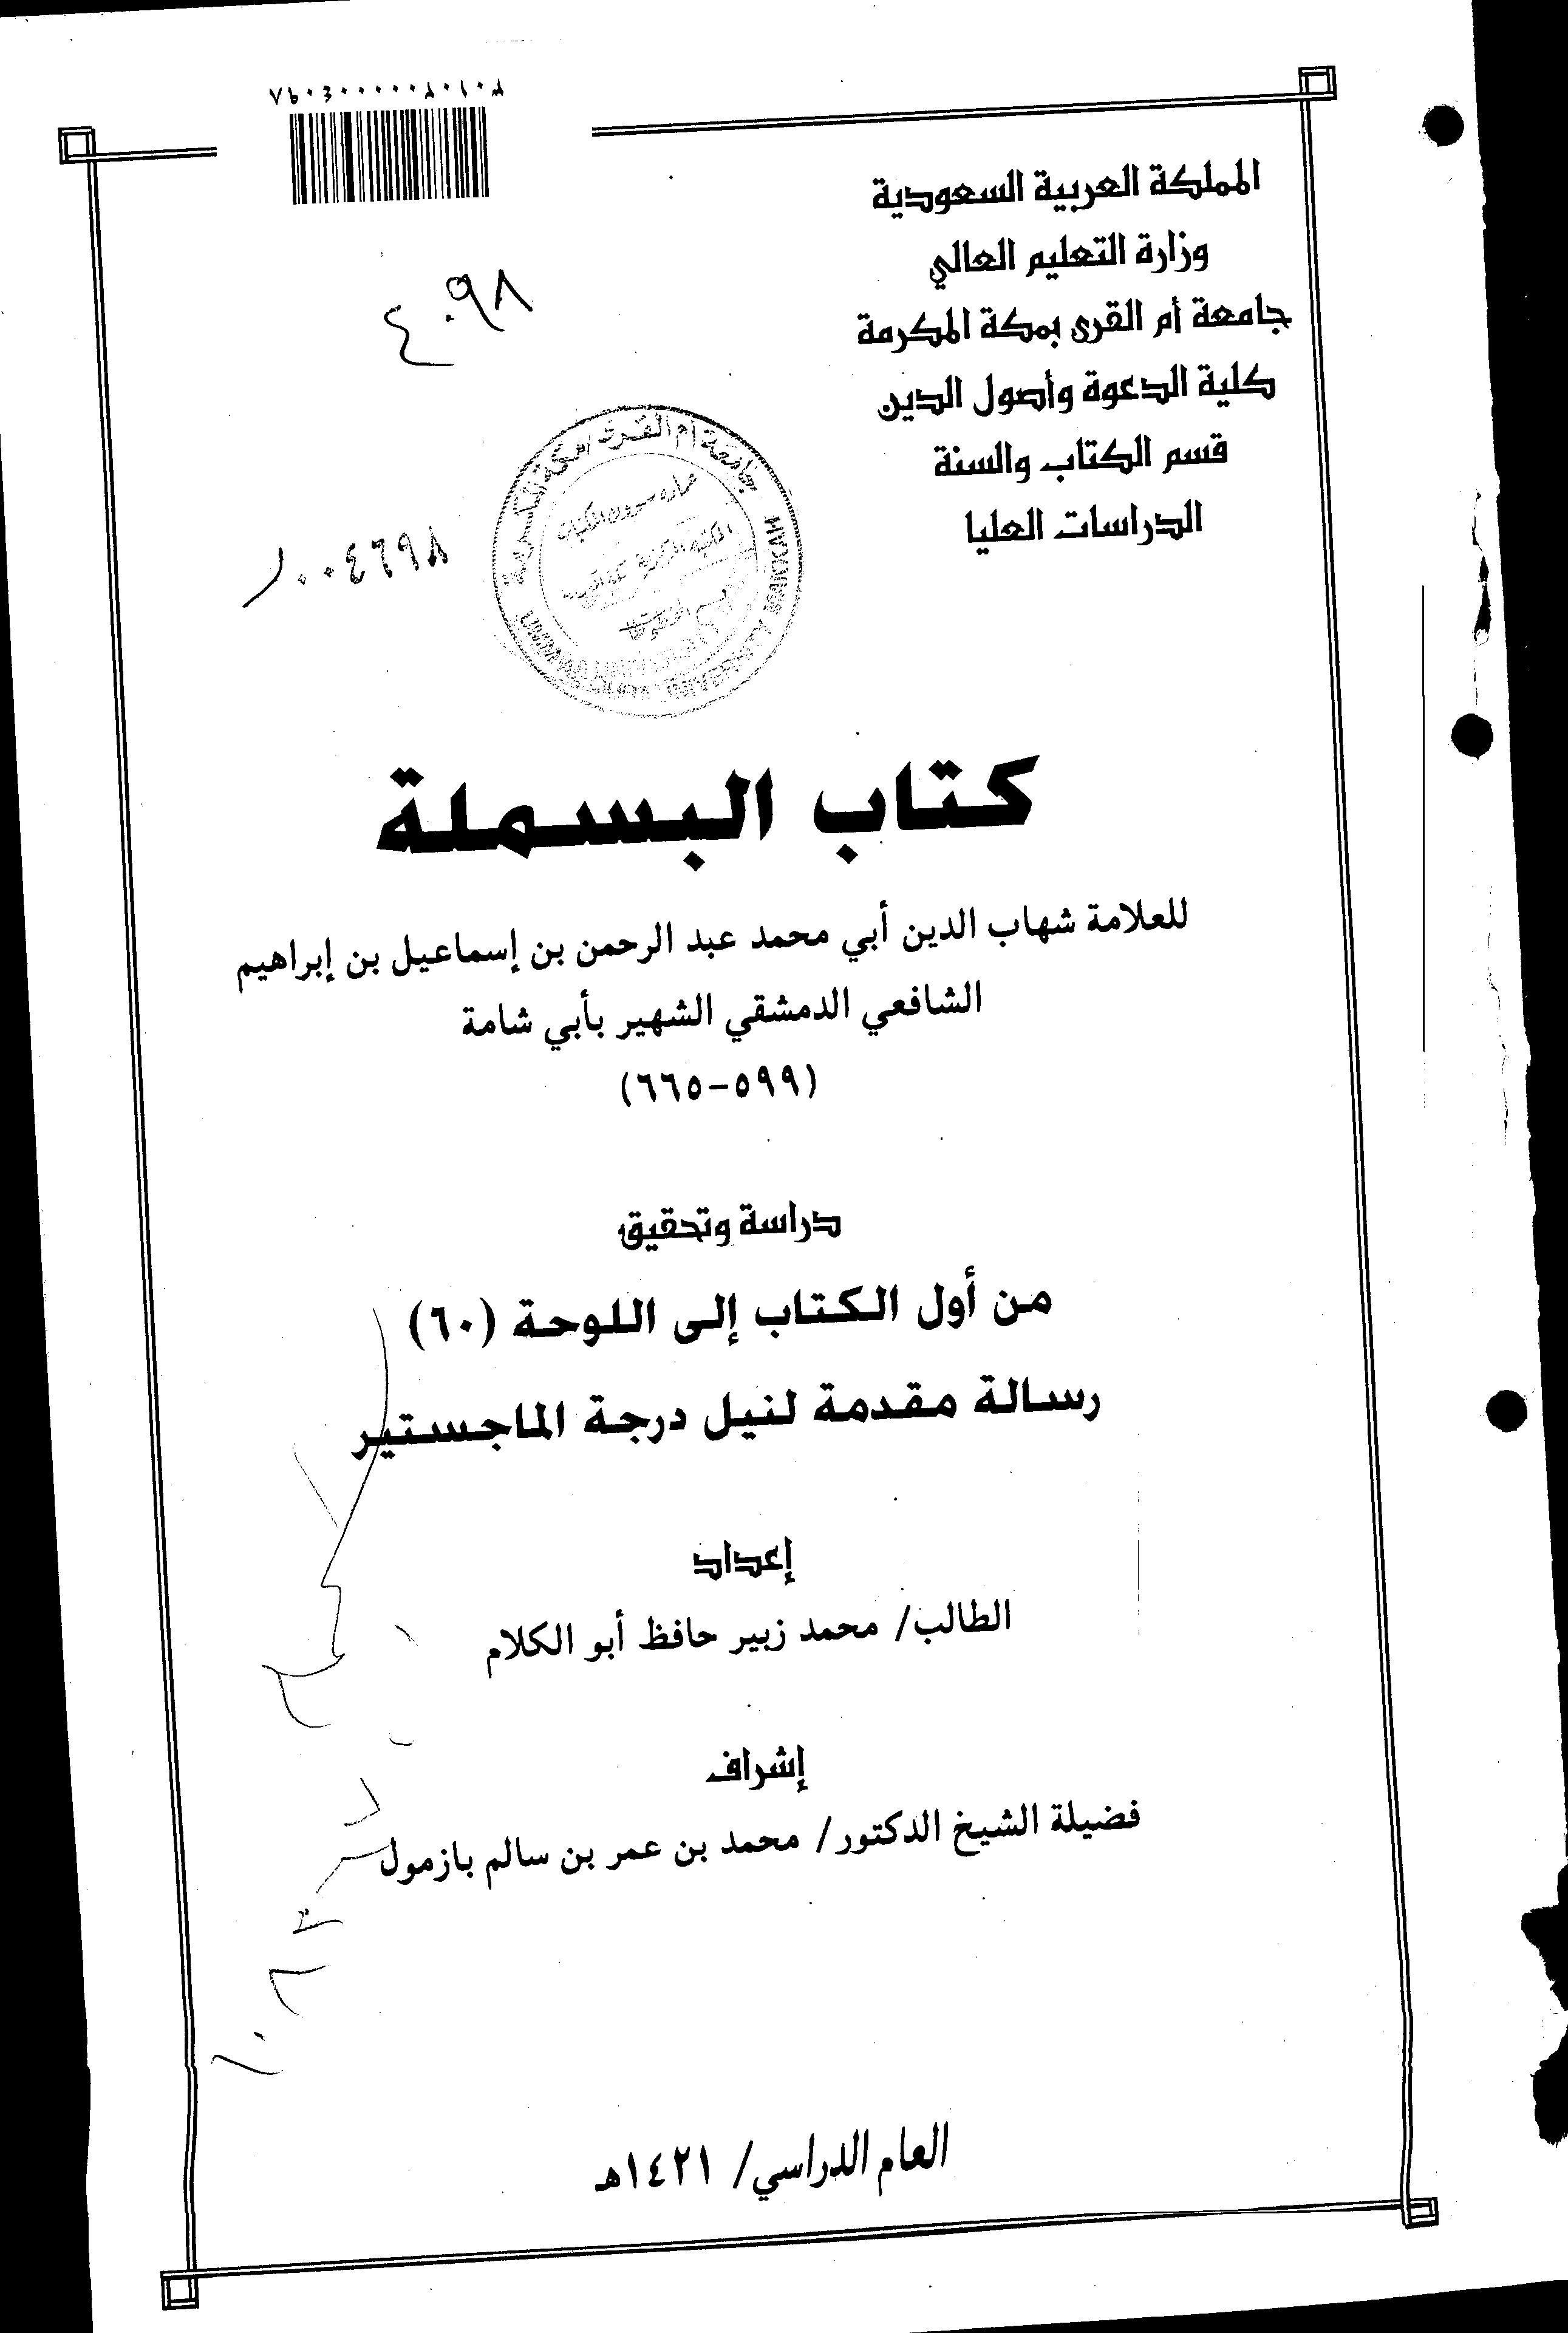 تحميل كتاب كتاب البسملة (دراسة وتحقيق من أول الكتاب إلى اللوحة 60) لـِ: الإمام أبو القاسم شهاب الدين عبد الرحمن بن إسماعيل بن إبراهيم المقدسي الدمشقي، الشهير بأبو شامة (ت 665)